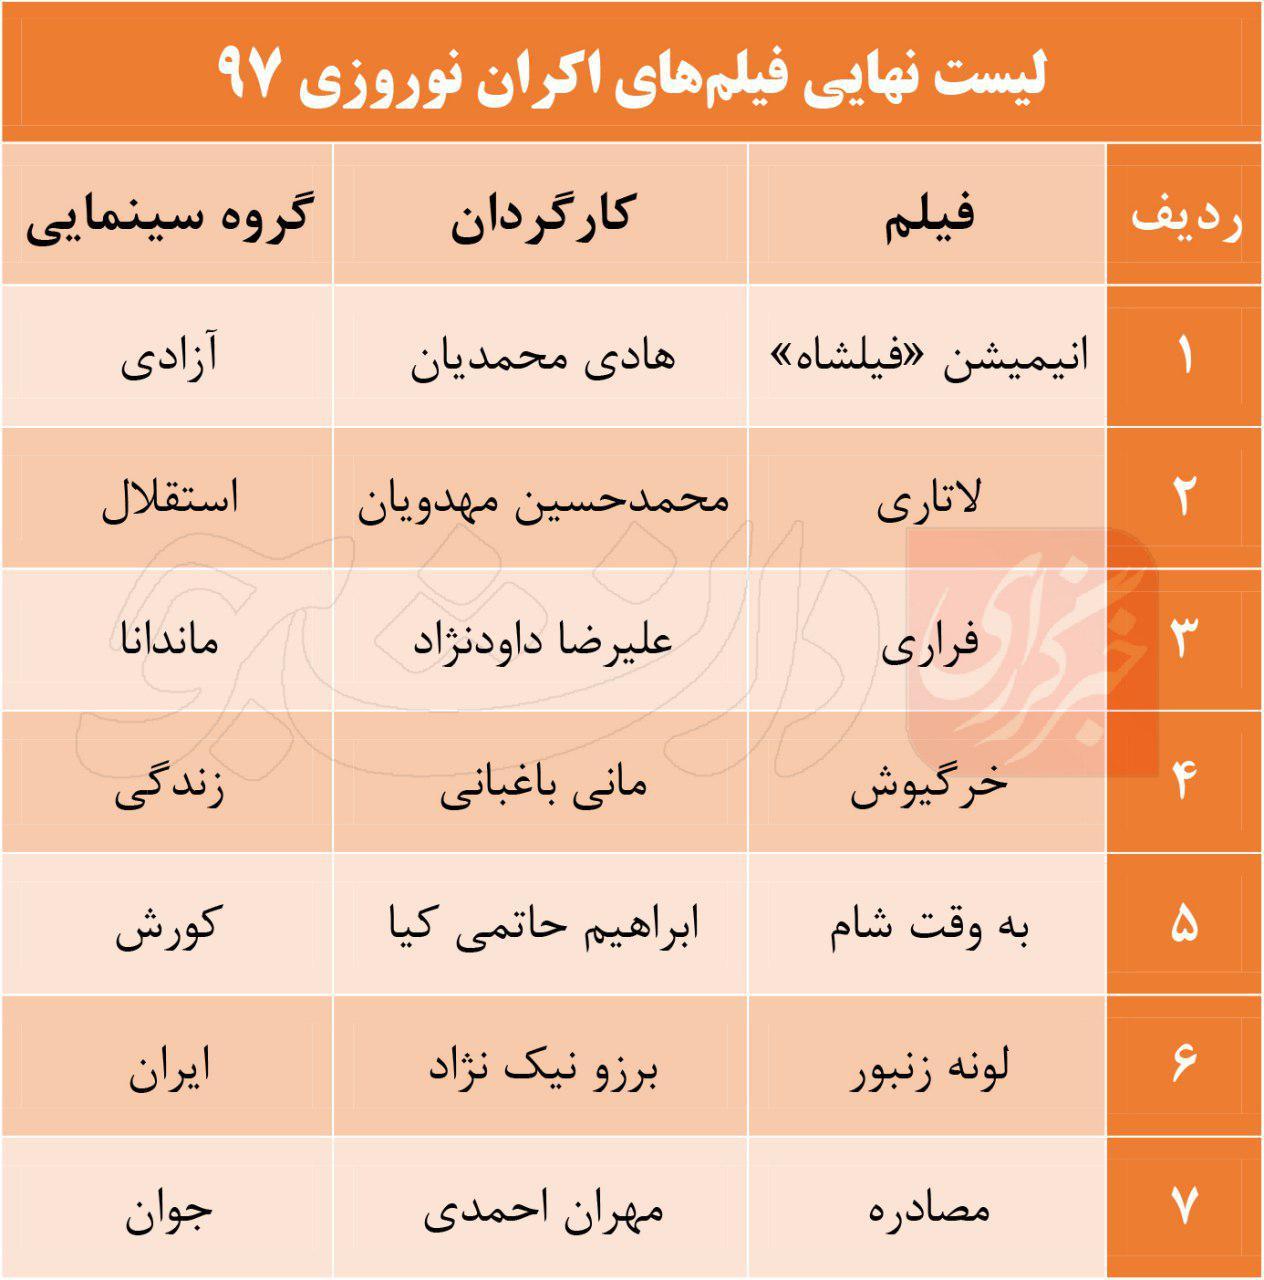 لیست نهایی اکران نوروز ۹۷ اعلام شد